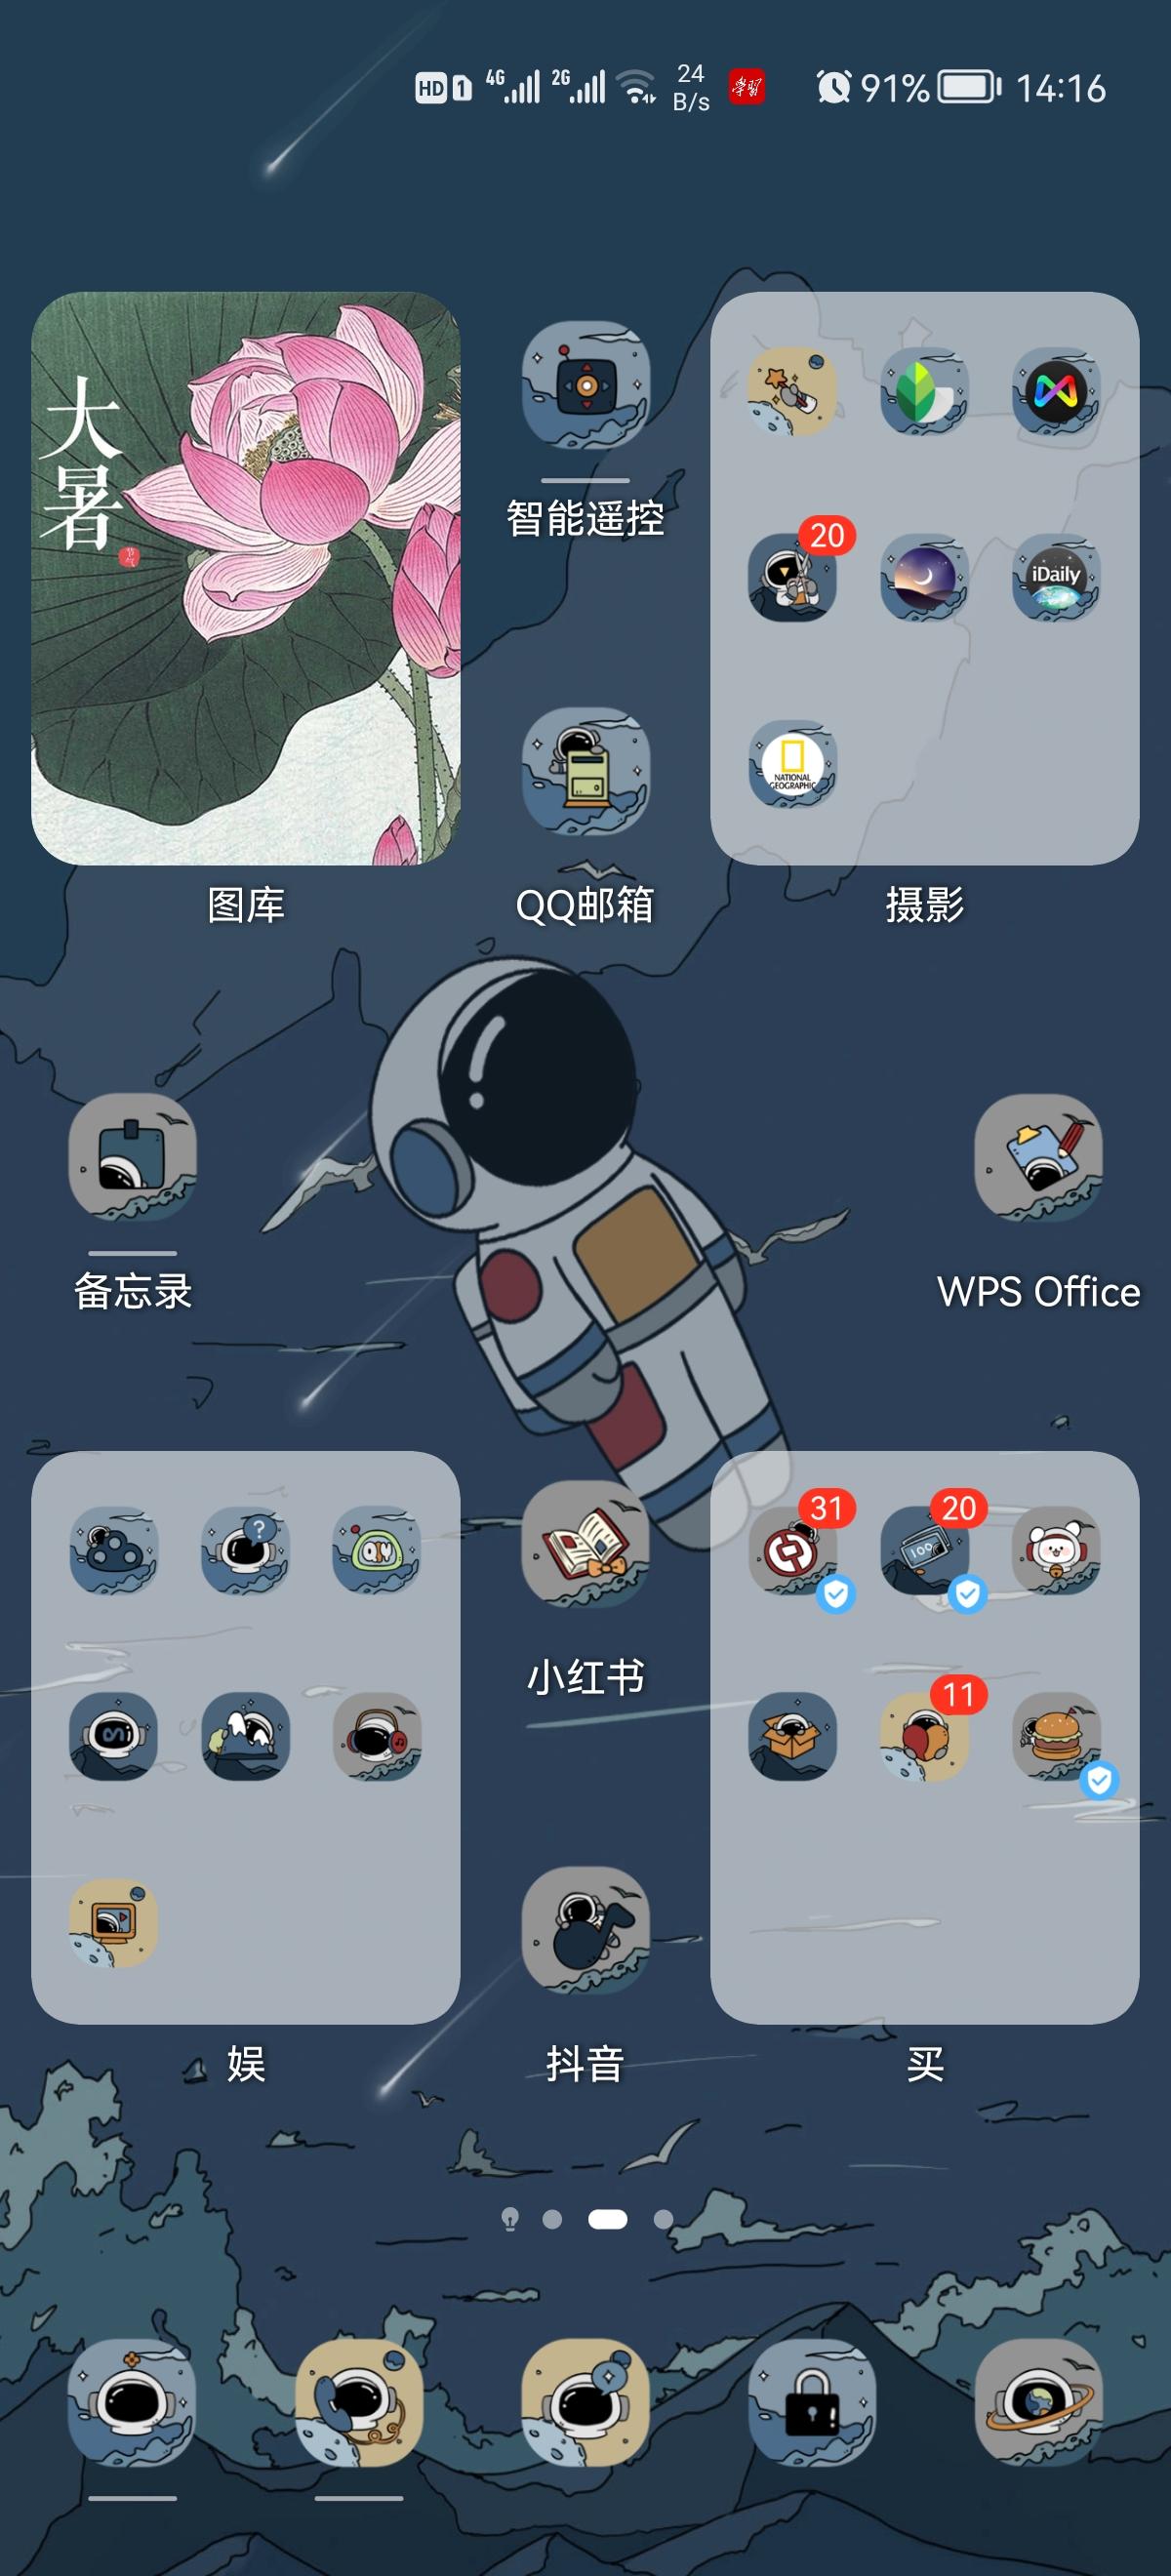 Screenshot_20210723_141657_com.huawei.android.launcher.jpg